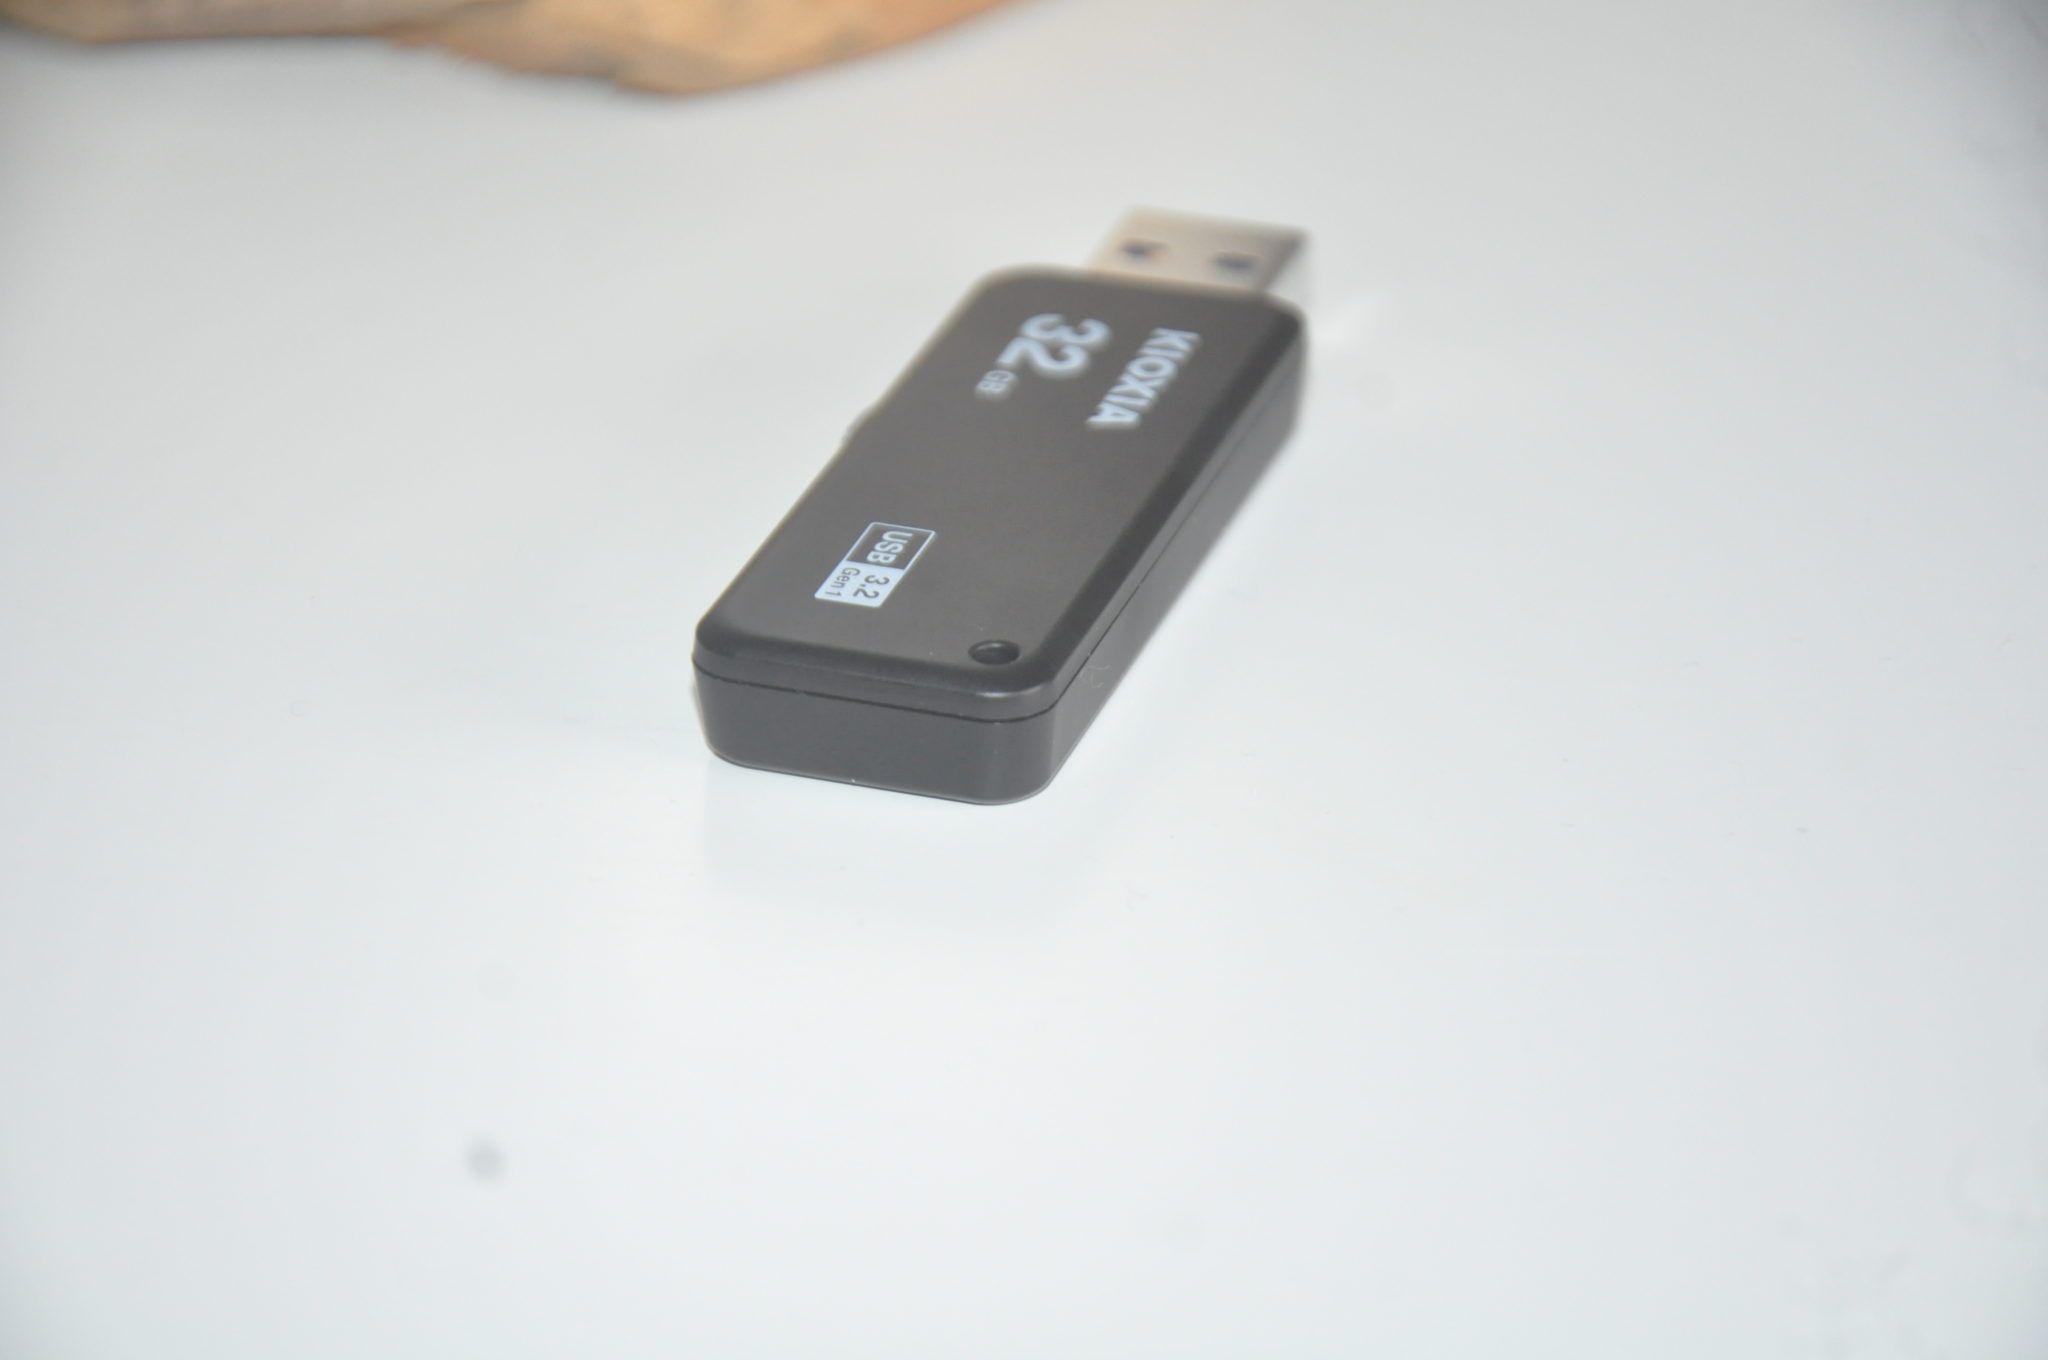 Review Kioxia Transmemory U365 32 GB 8